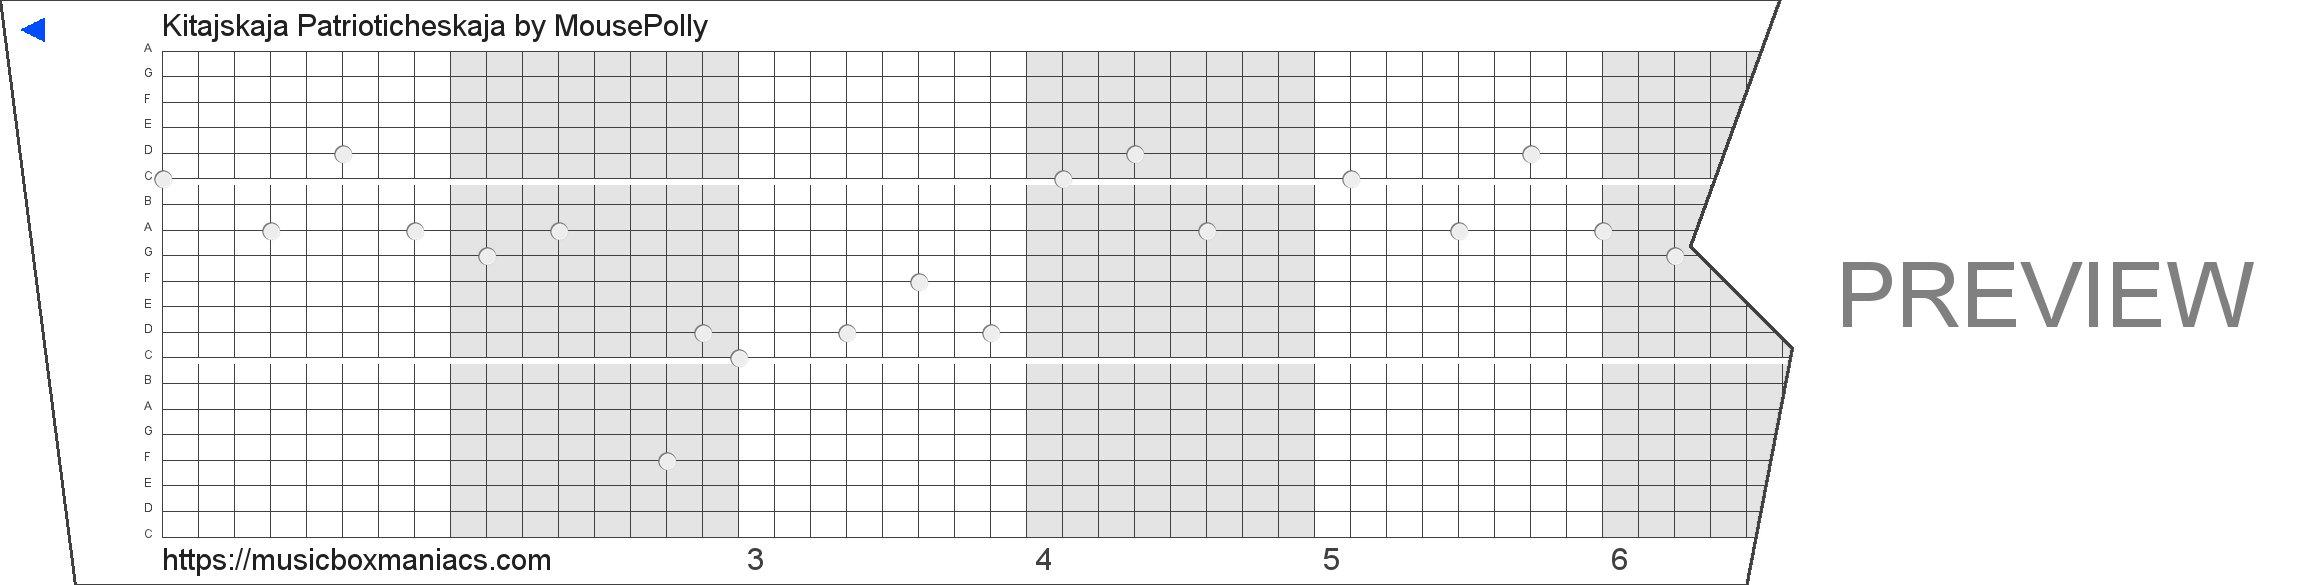 Kitajskaja Patrioticheskaja 20 note music box paper strip